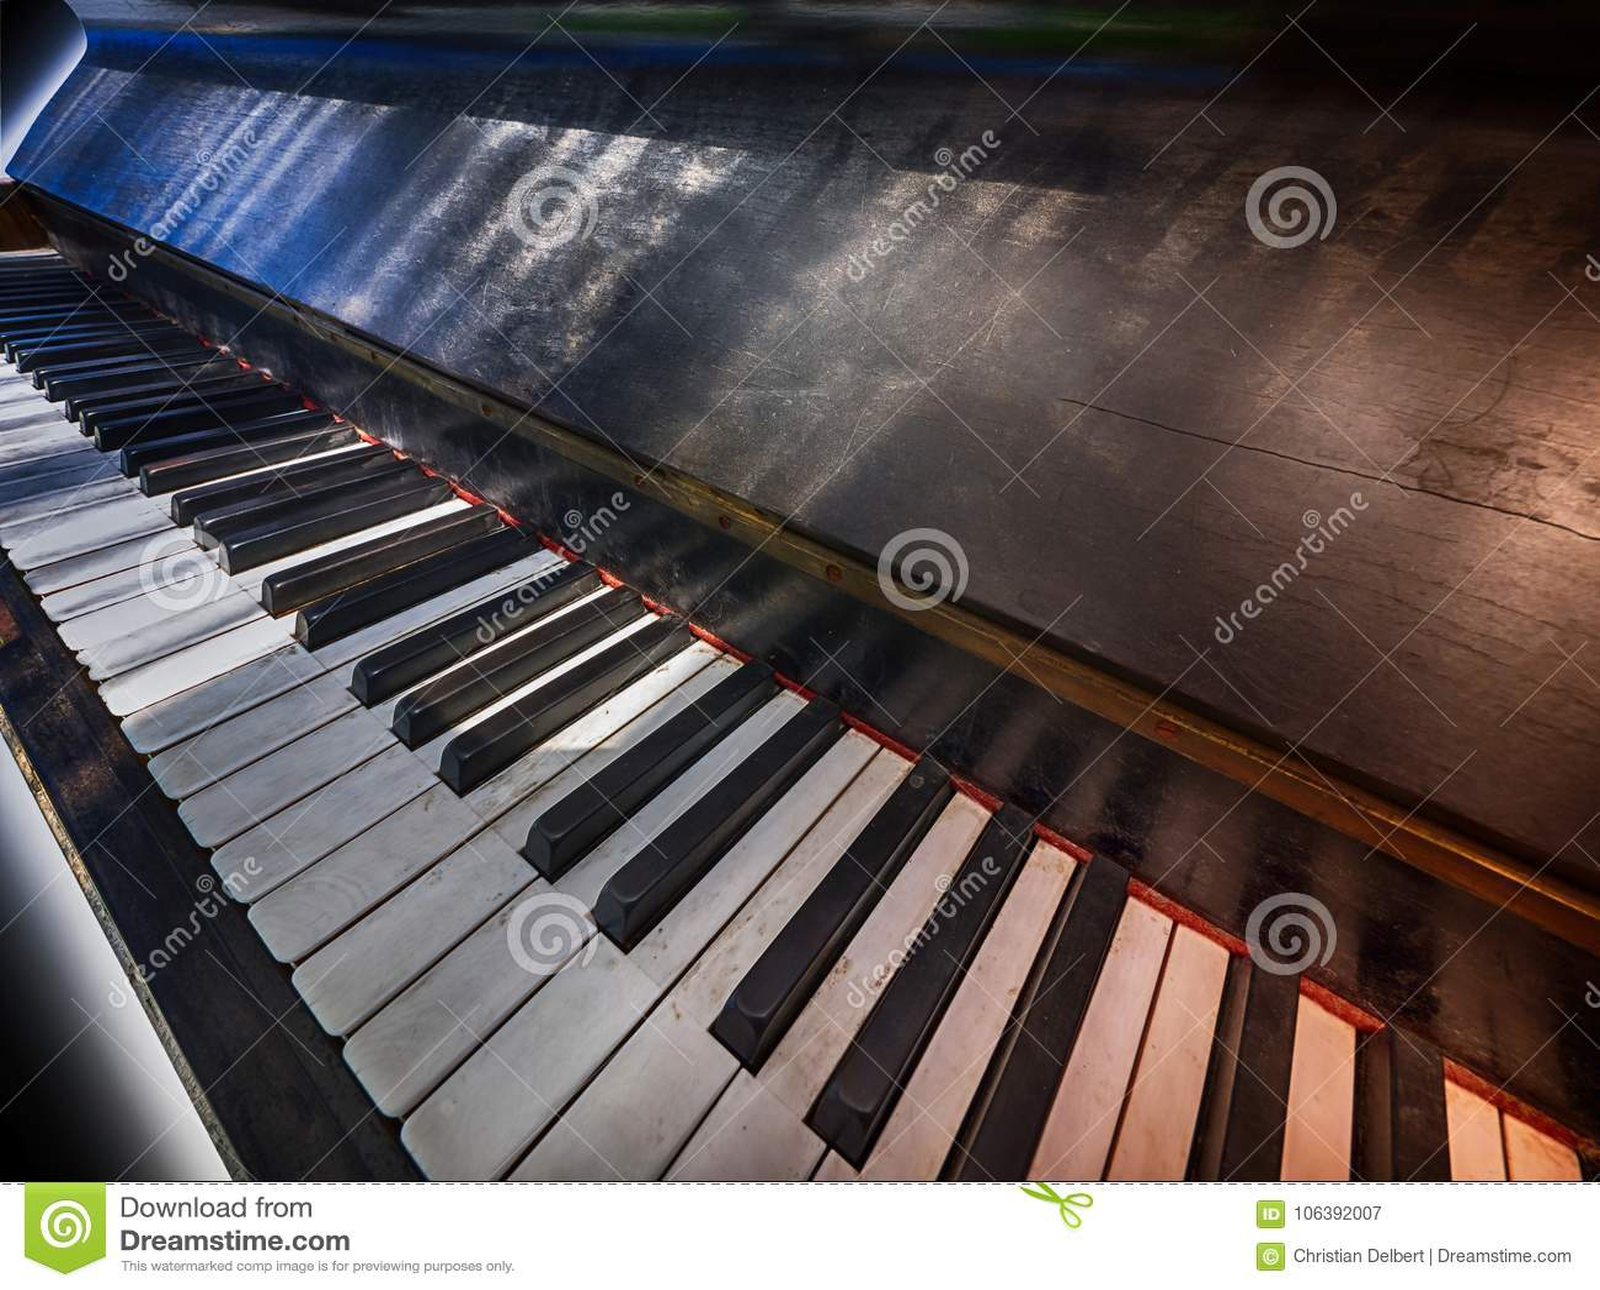 Teclado de piano antiguo